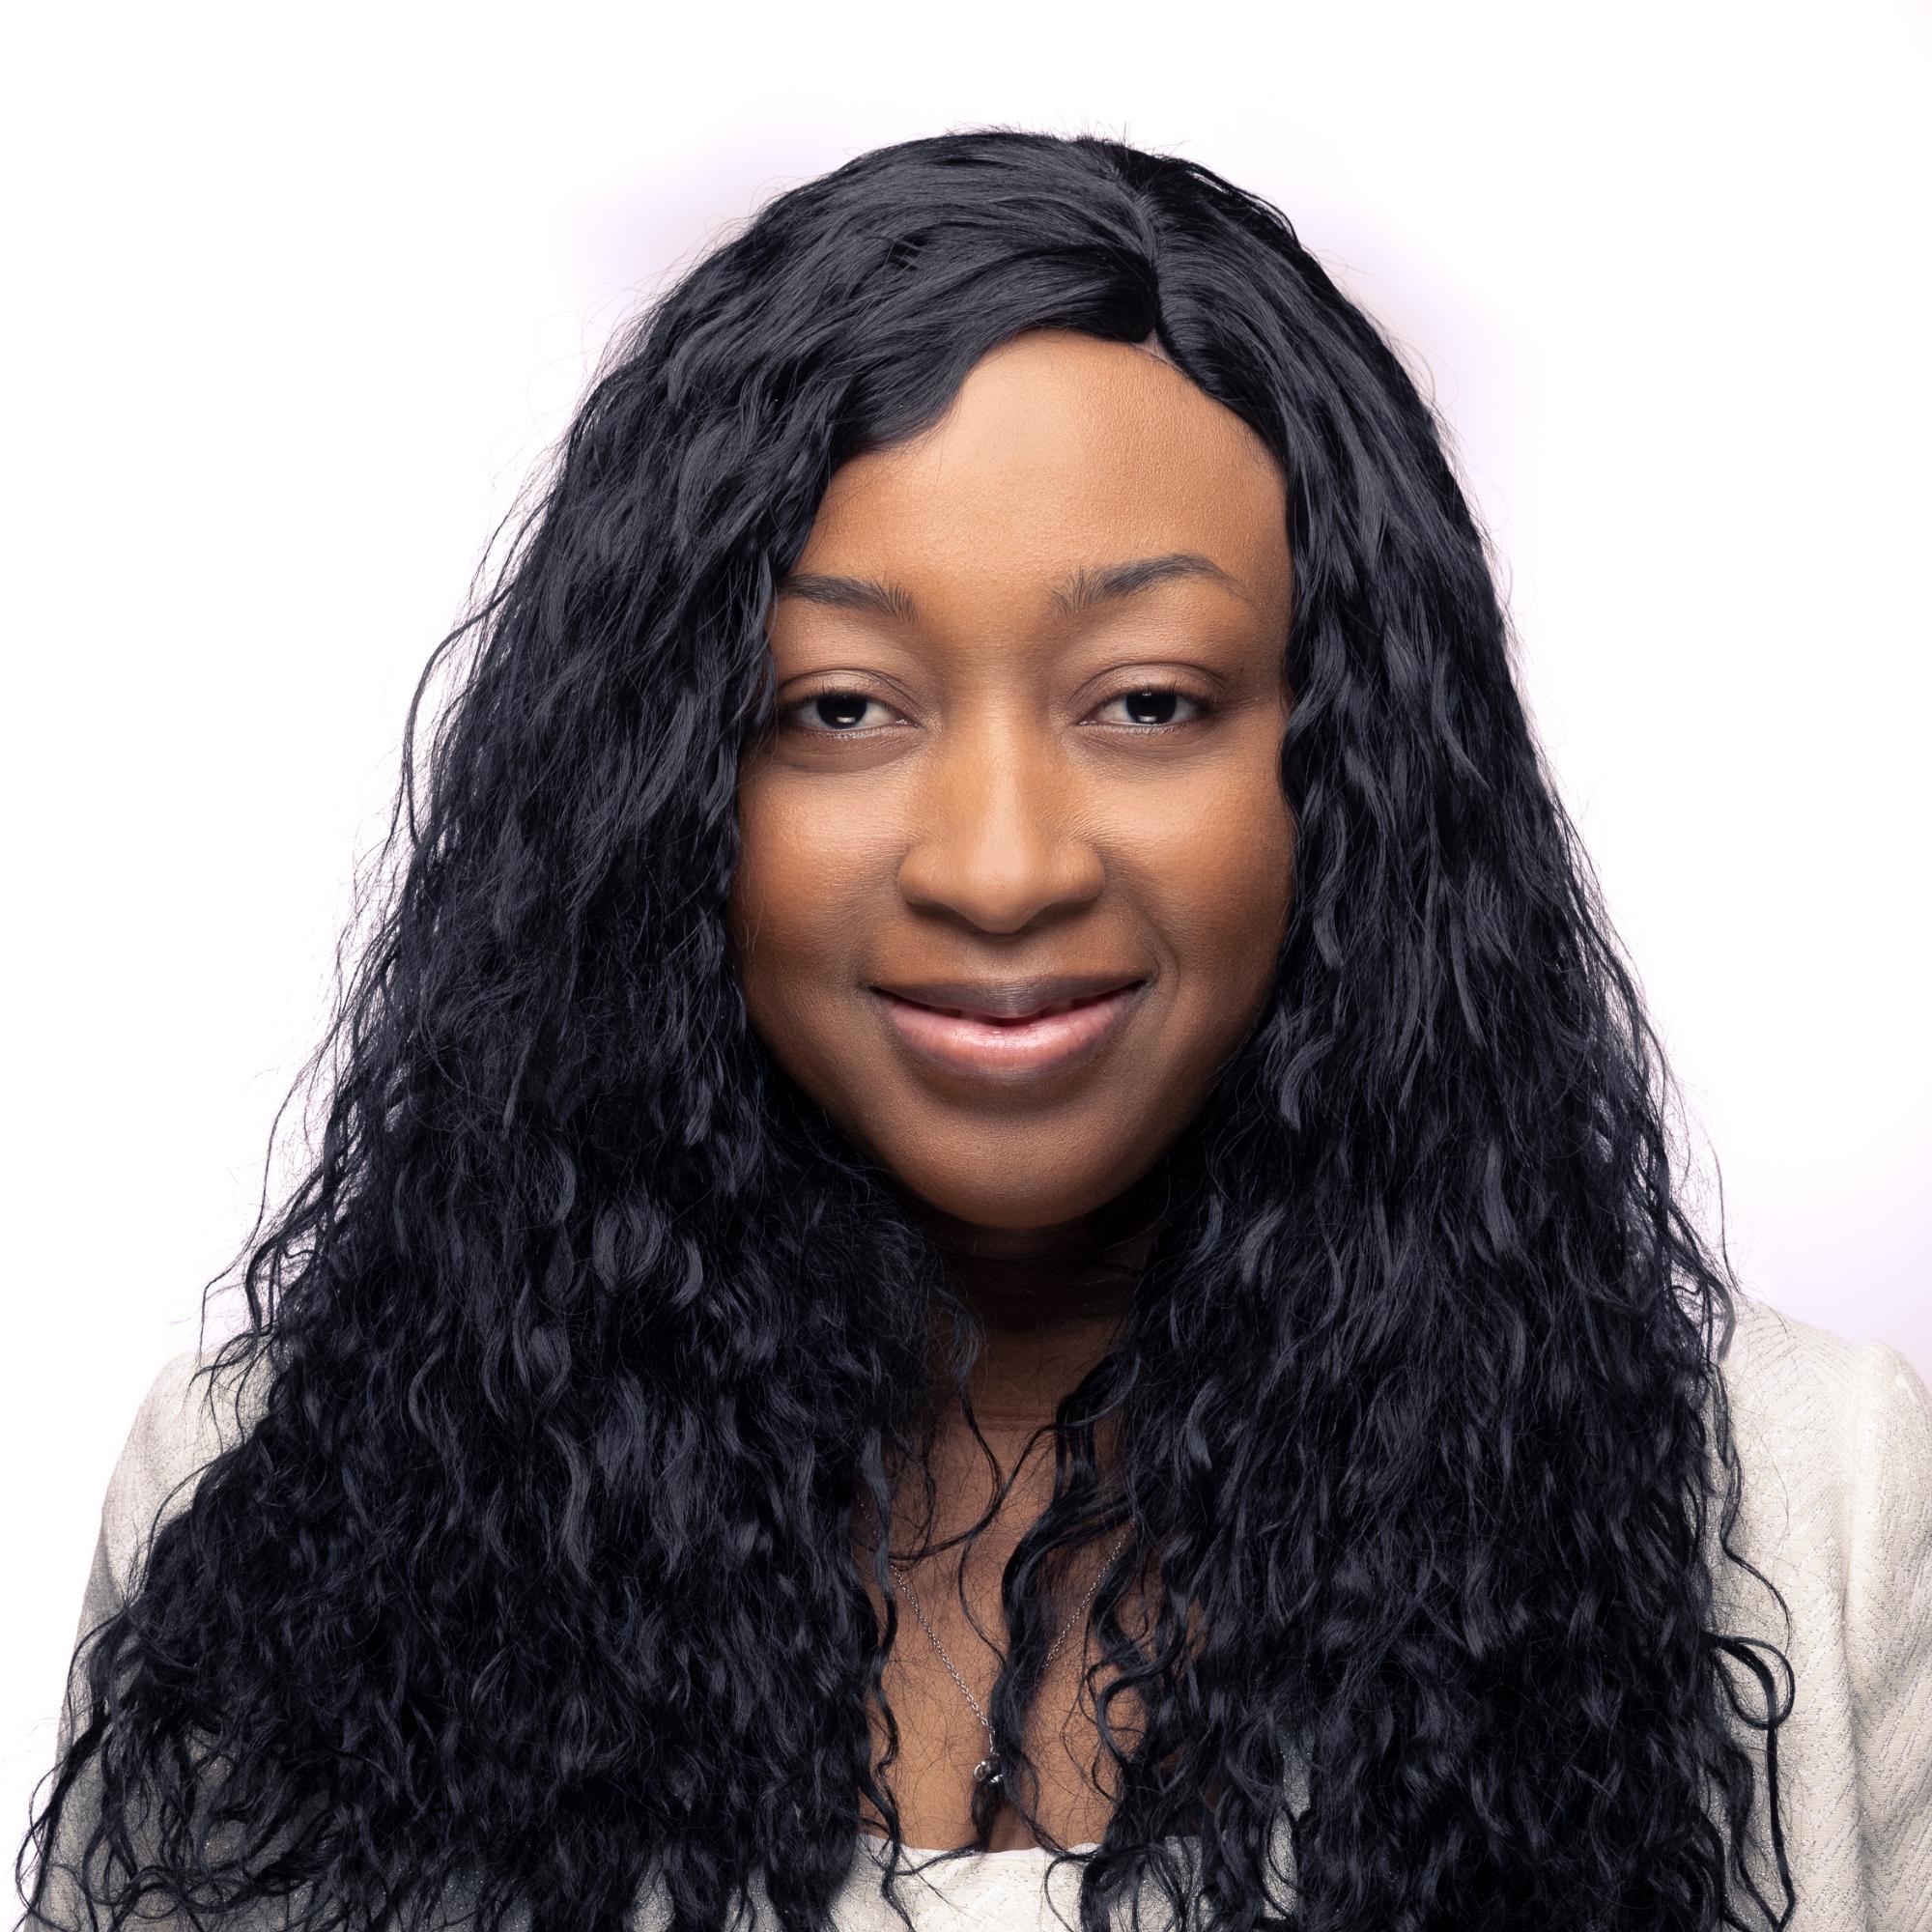 Pamela Kaboui